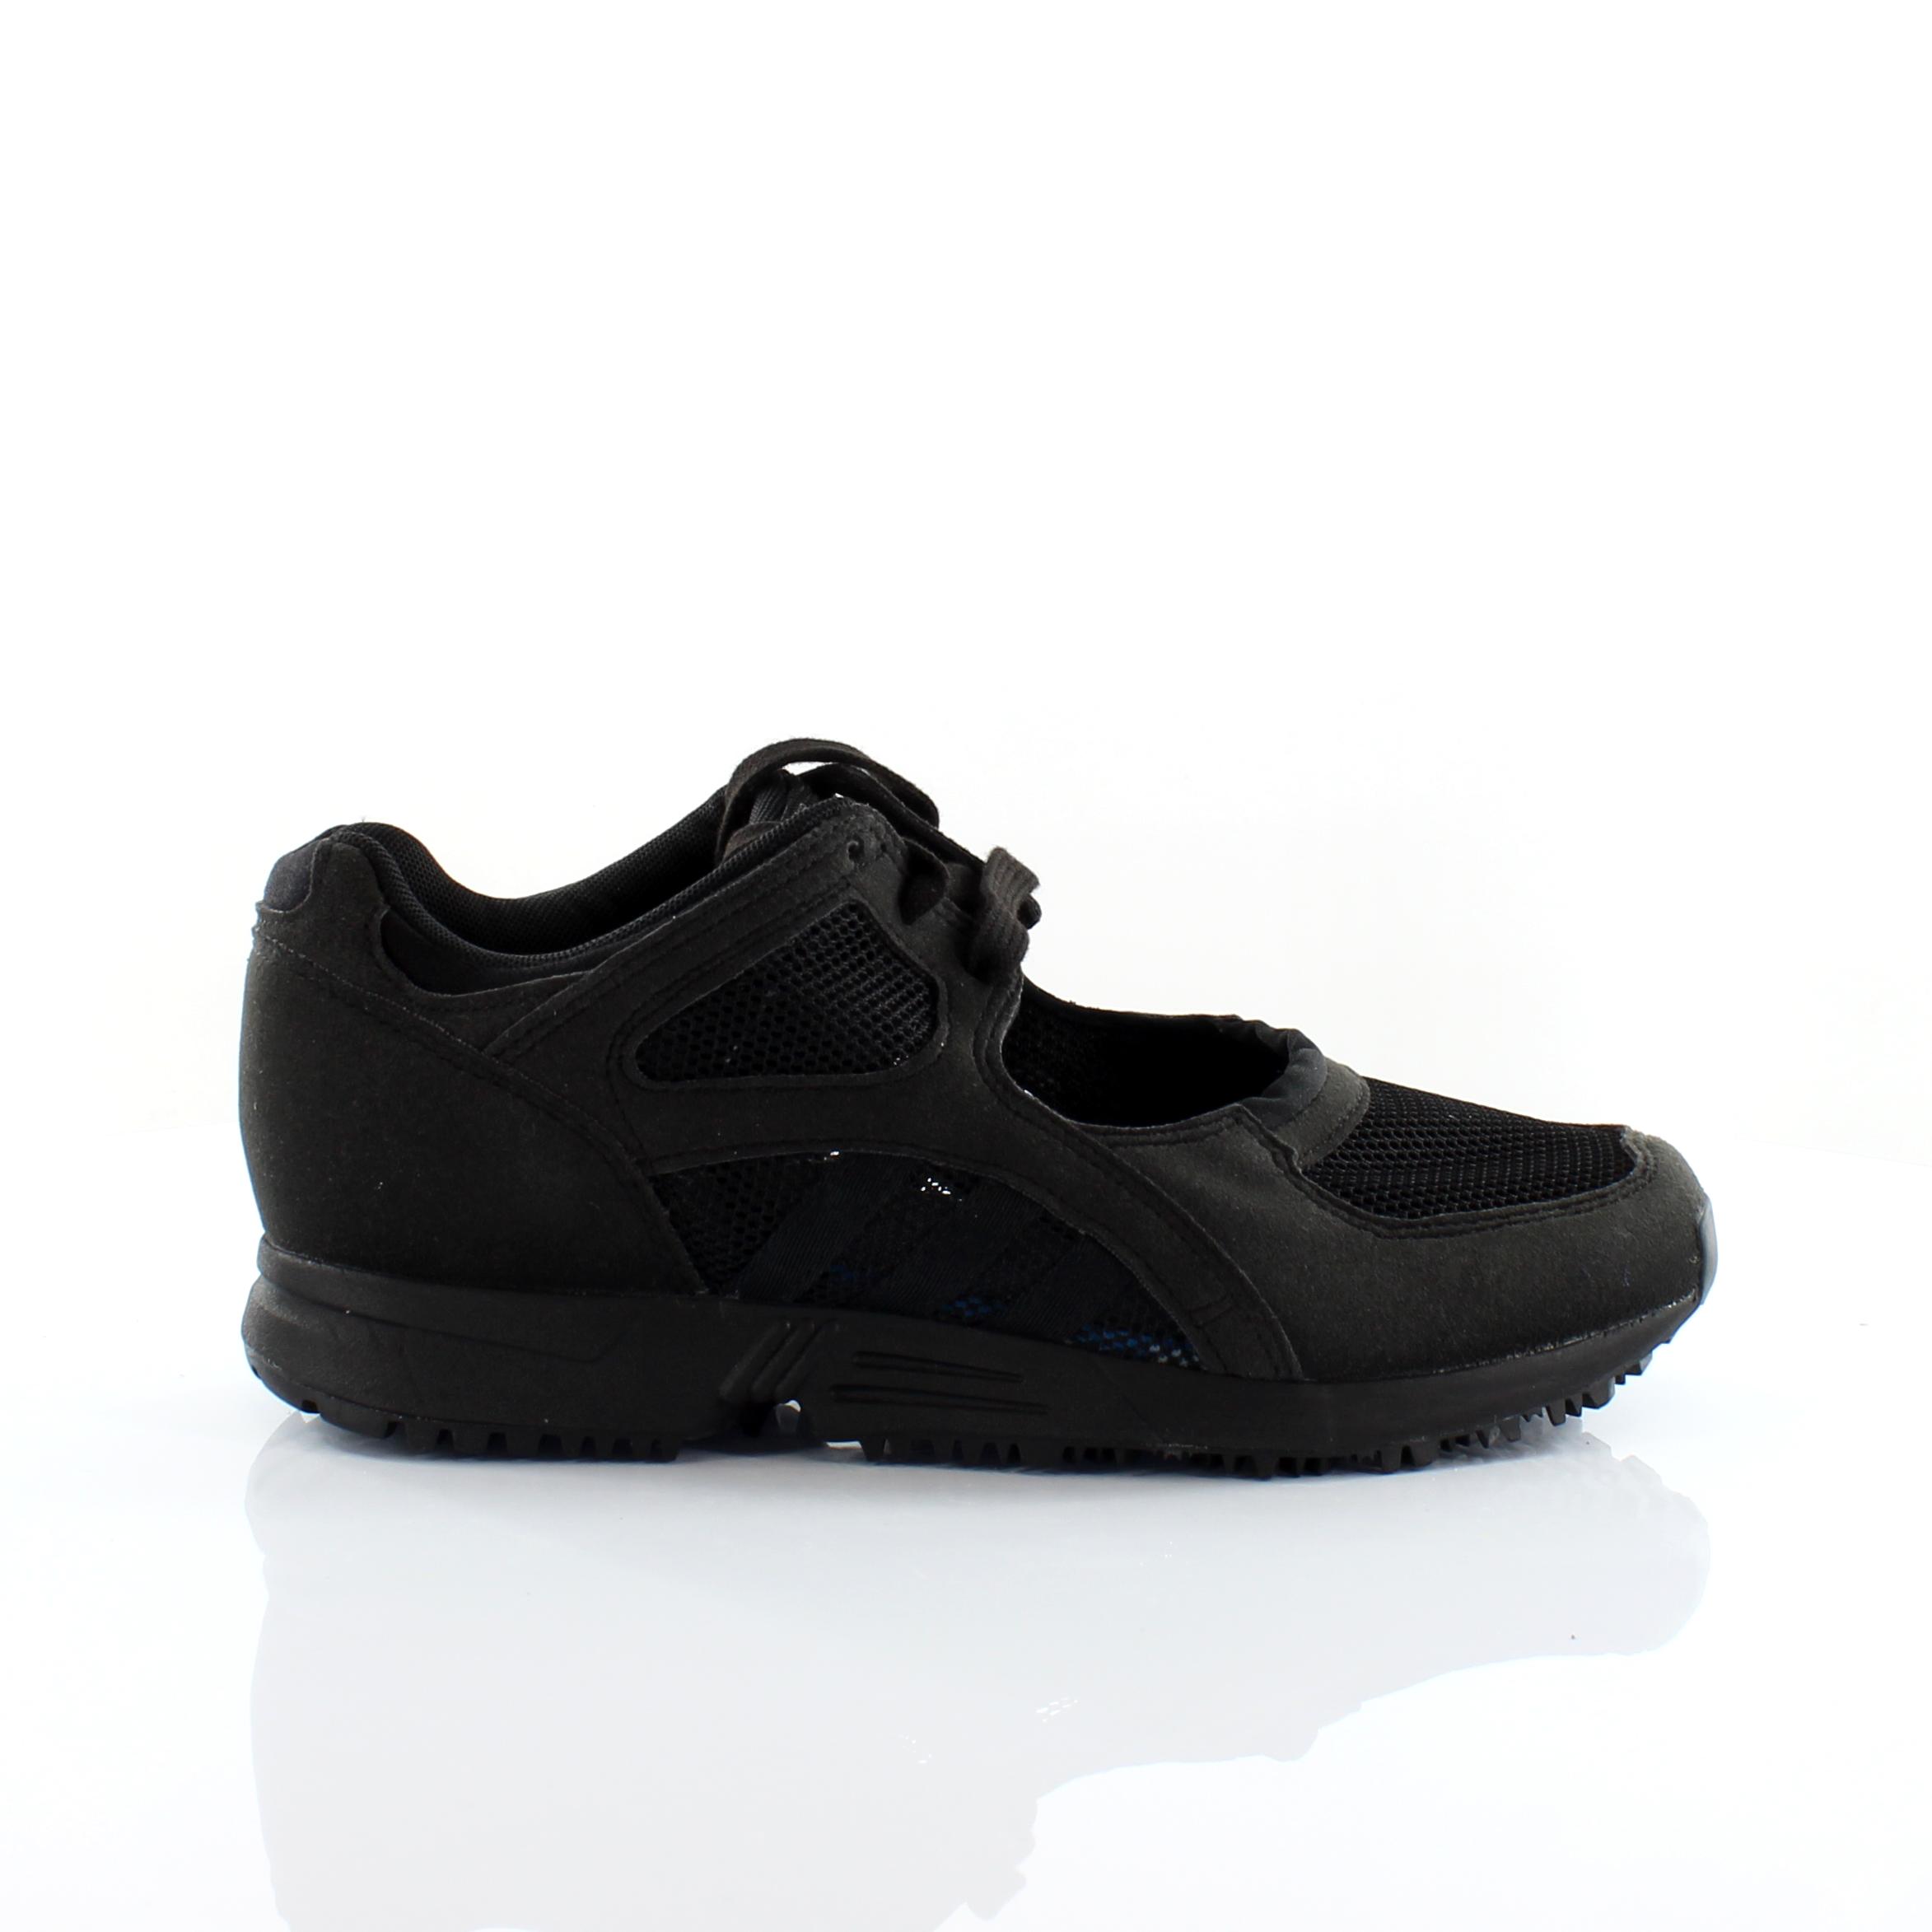 Adidas Originals Eqt Racing 91 Lace Up Black Cut Out Womens ...